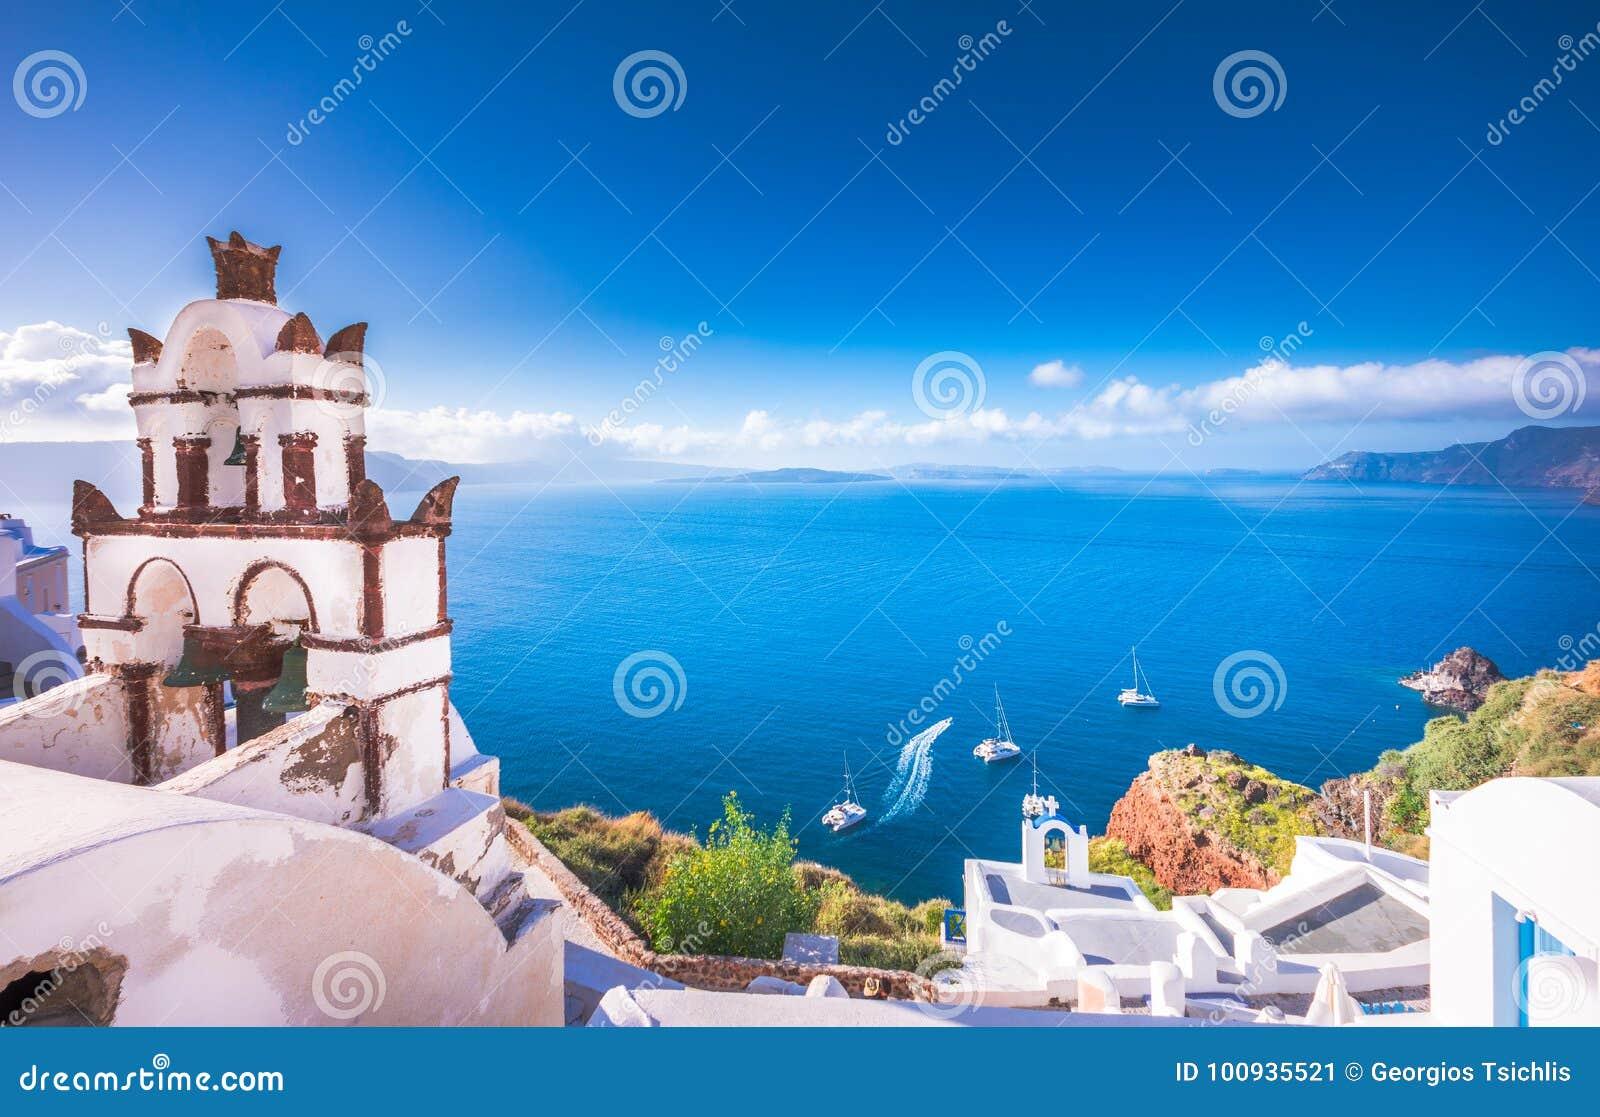 Oia miasteczko na Santorini wyspie, Grecja Tradycyjni i sławni domy i kościół z błękitnymi kopułami nad kalderą, morze egejskie